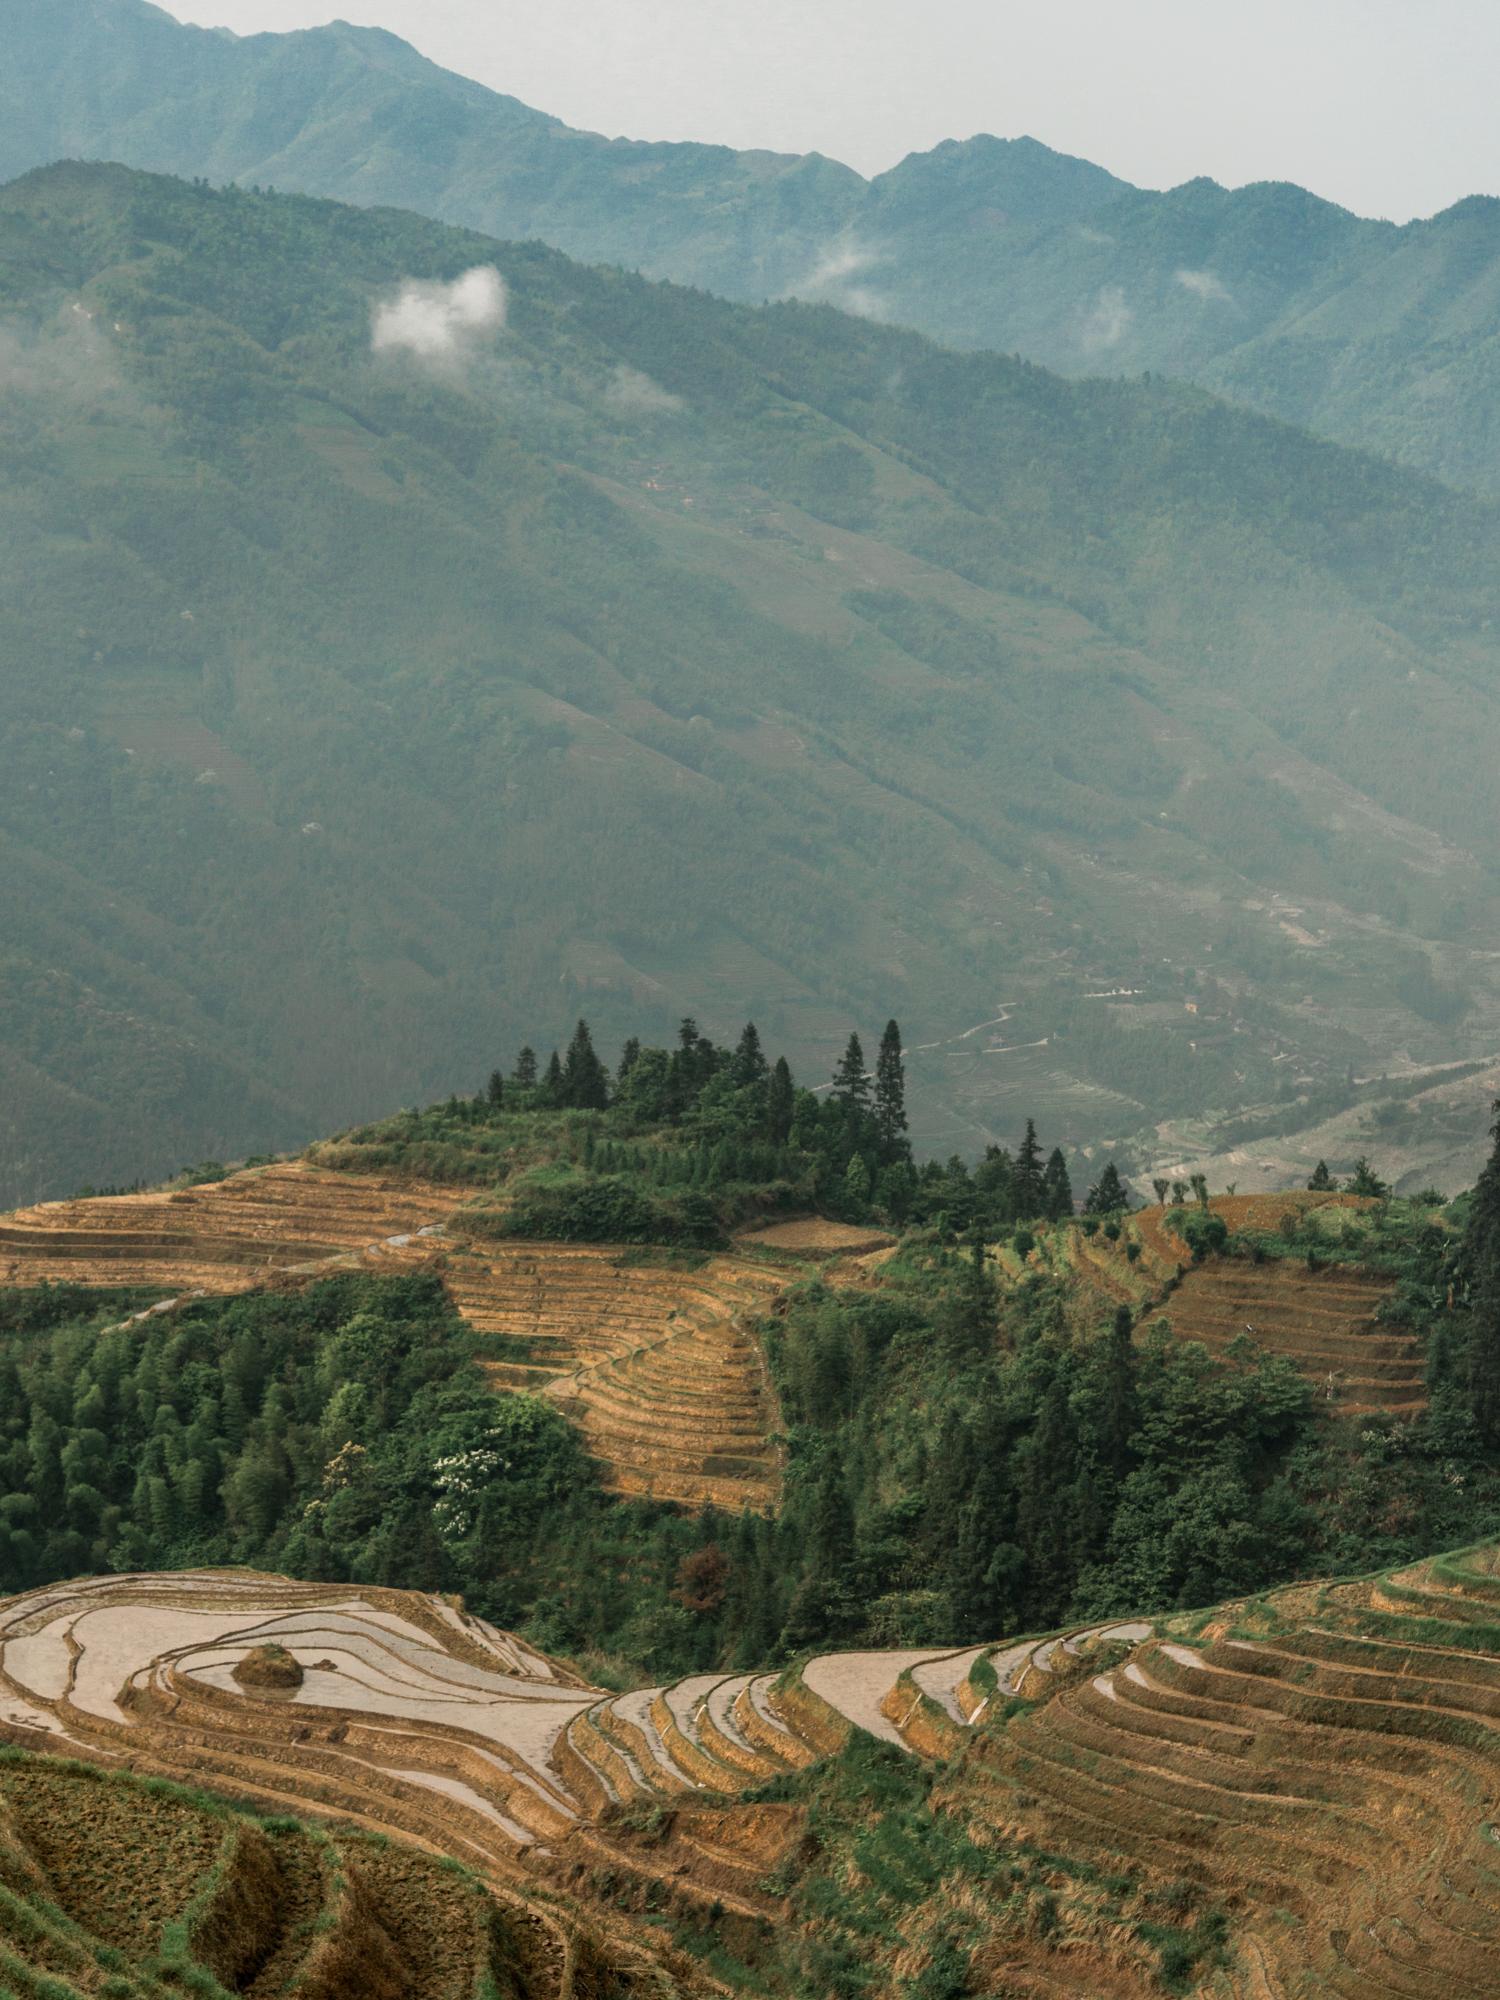 Leda Costa Yangshuo Longsheng China 9.jpg